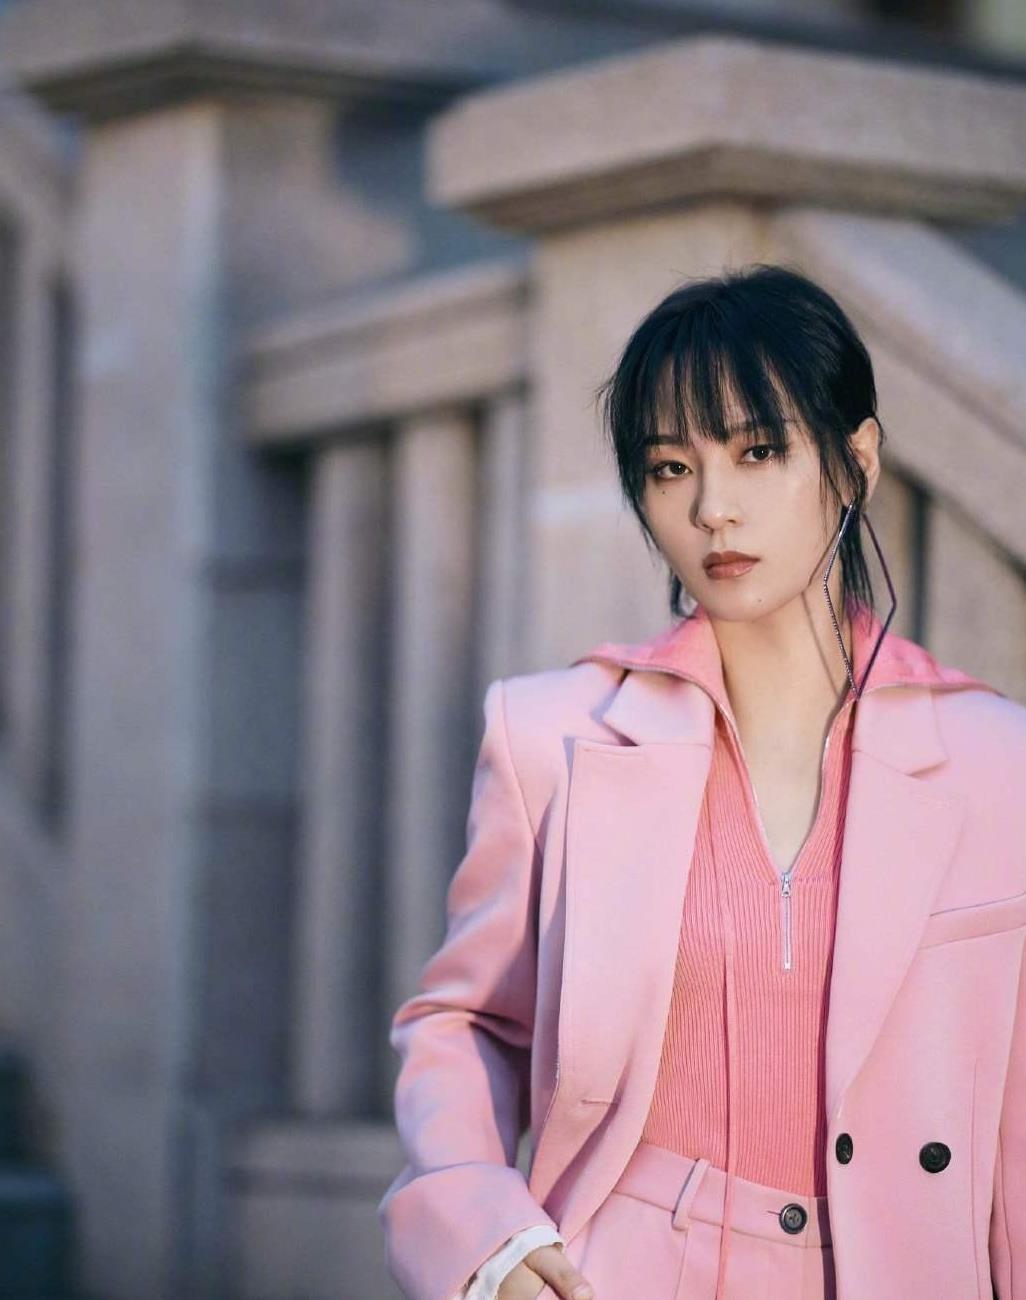 帅帅娘娘的周笔畅真美,身穿粉色樱花西服套装太惊艳,人美歌甜